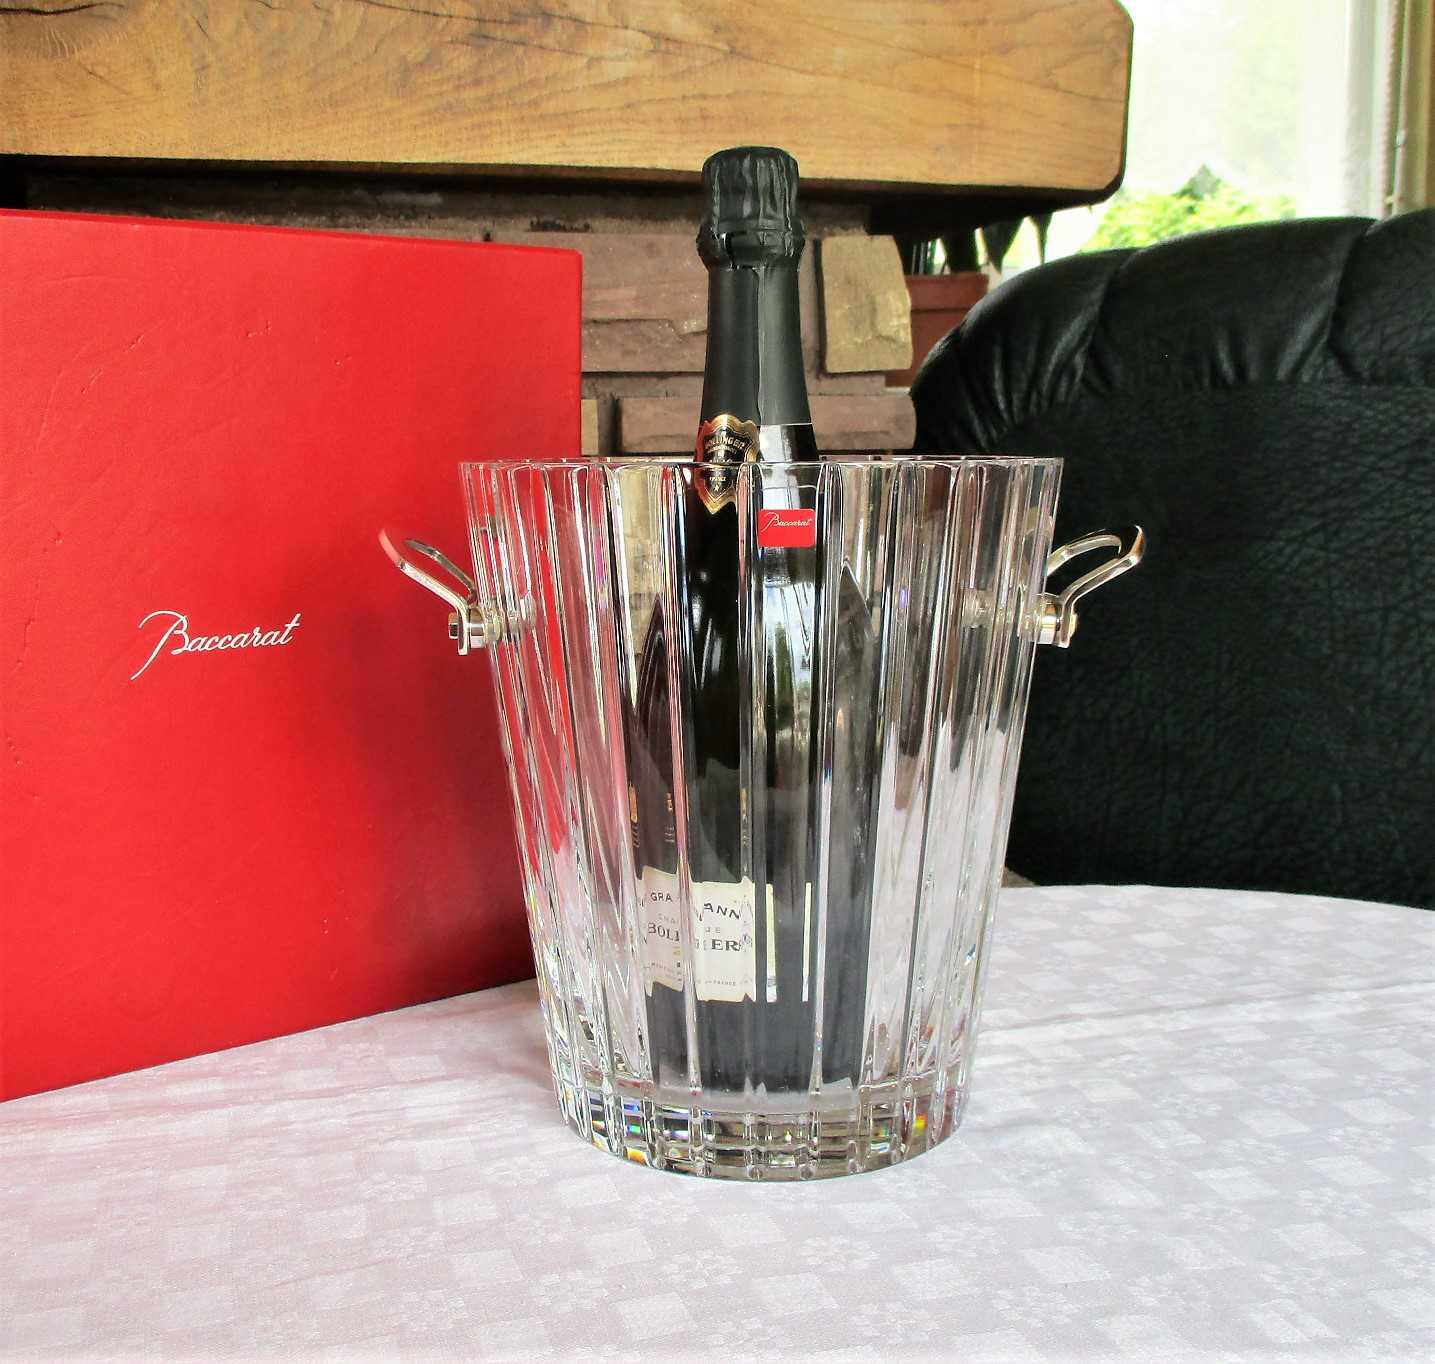 Seau à champagne Harmonie, cristal de Baccarat